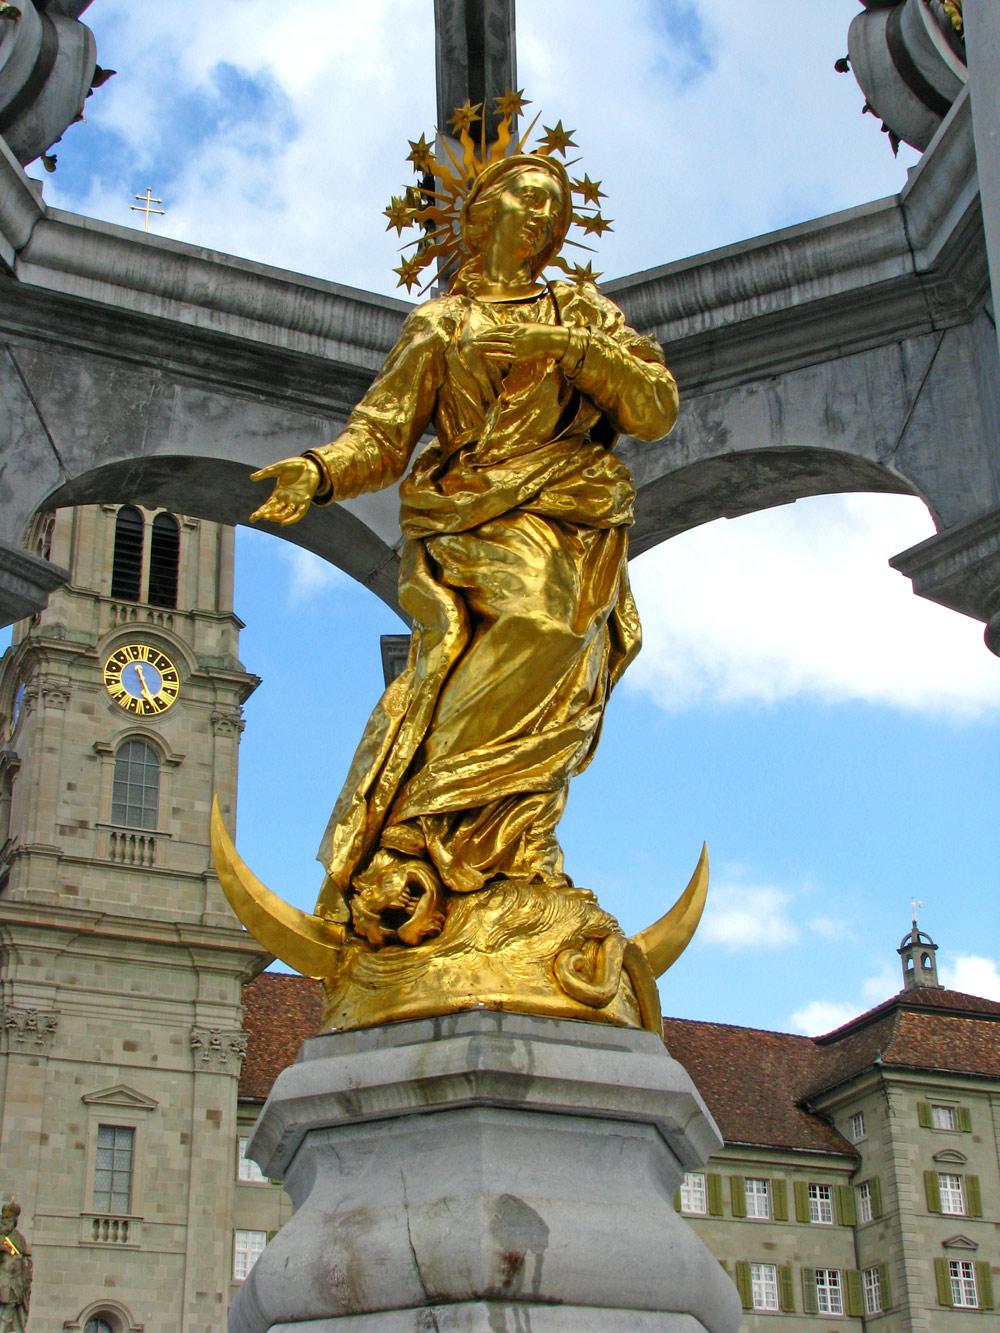 Figur des Marienbrunnens vorm Kloster Einsiedeln am Hauptplatz